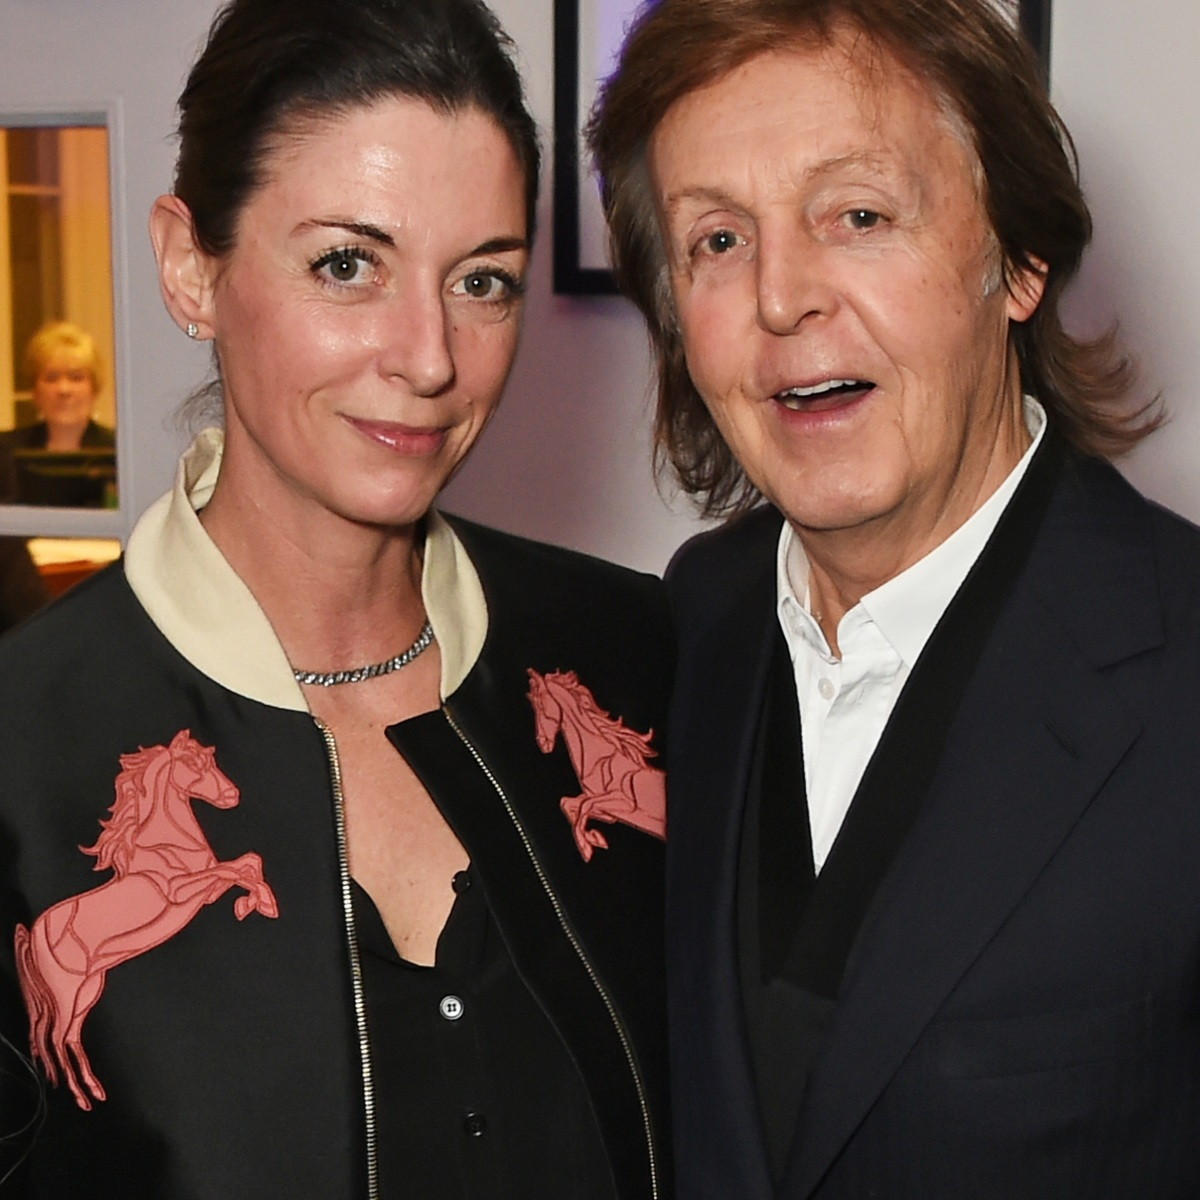 Paul McCartney's Children: Meet Beatles Singer's 4 Daughters